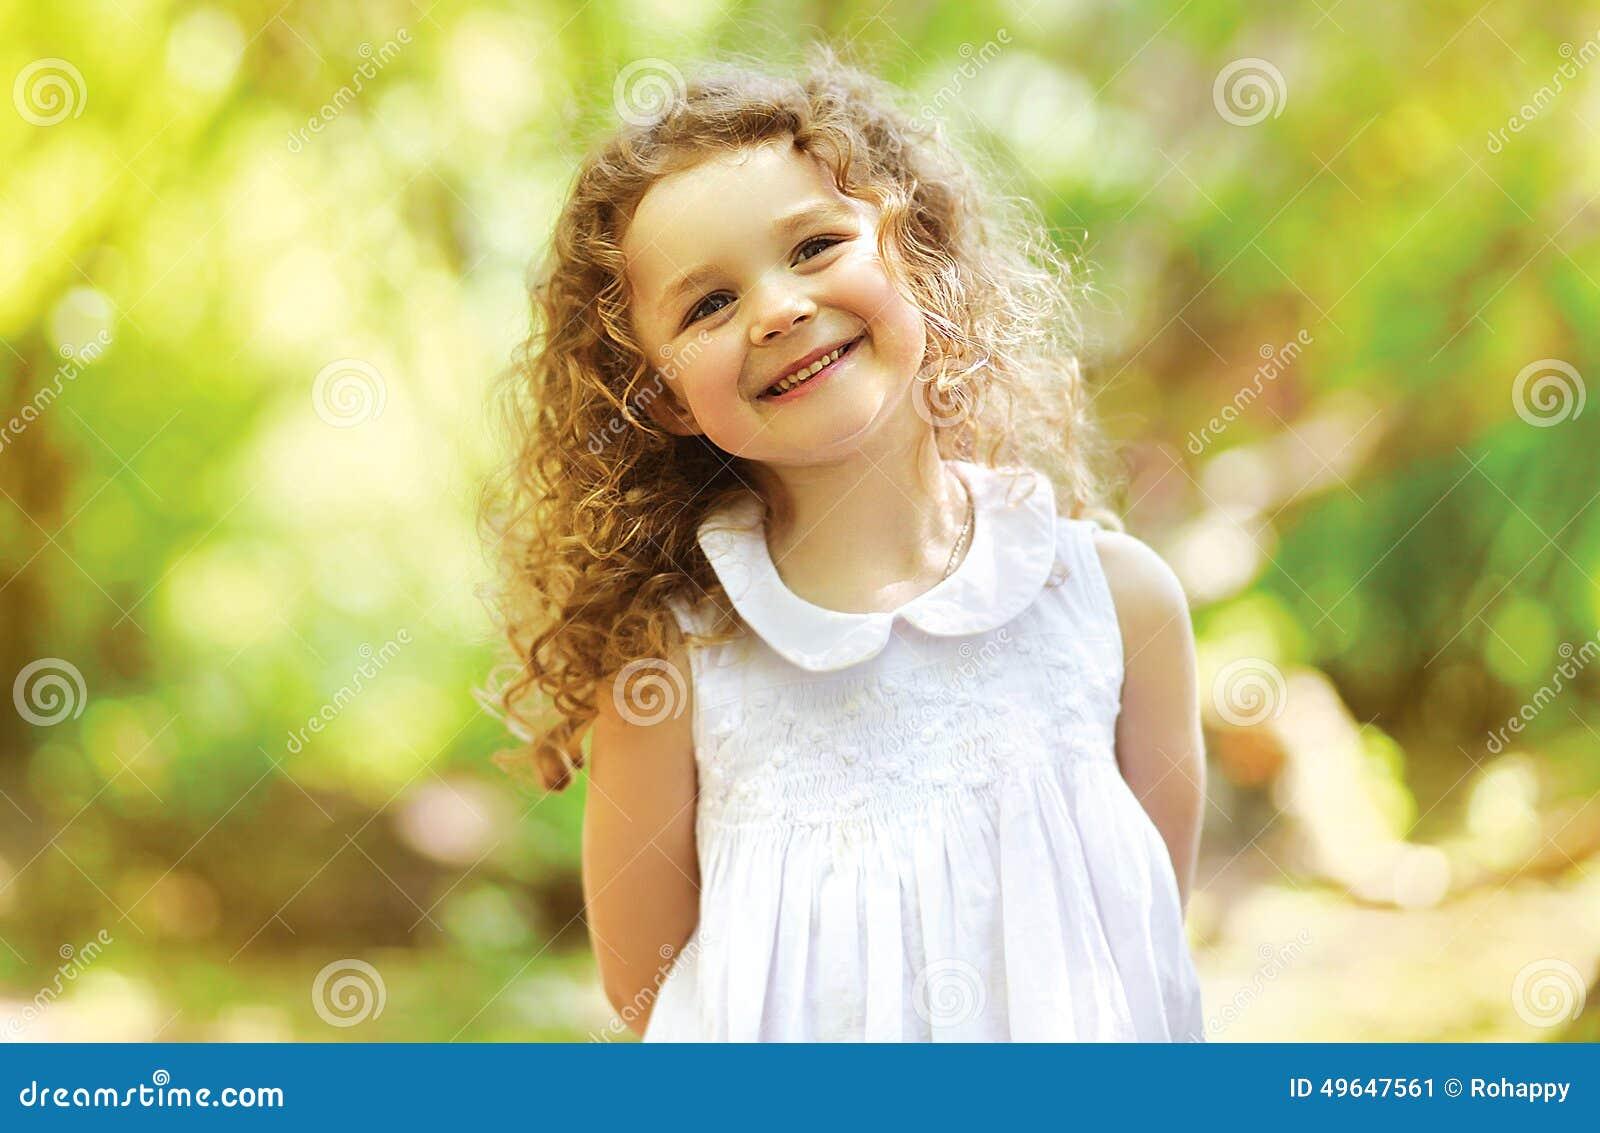 Śliczny dziecko błyszczący z szczęściem